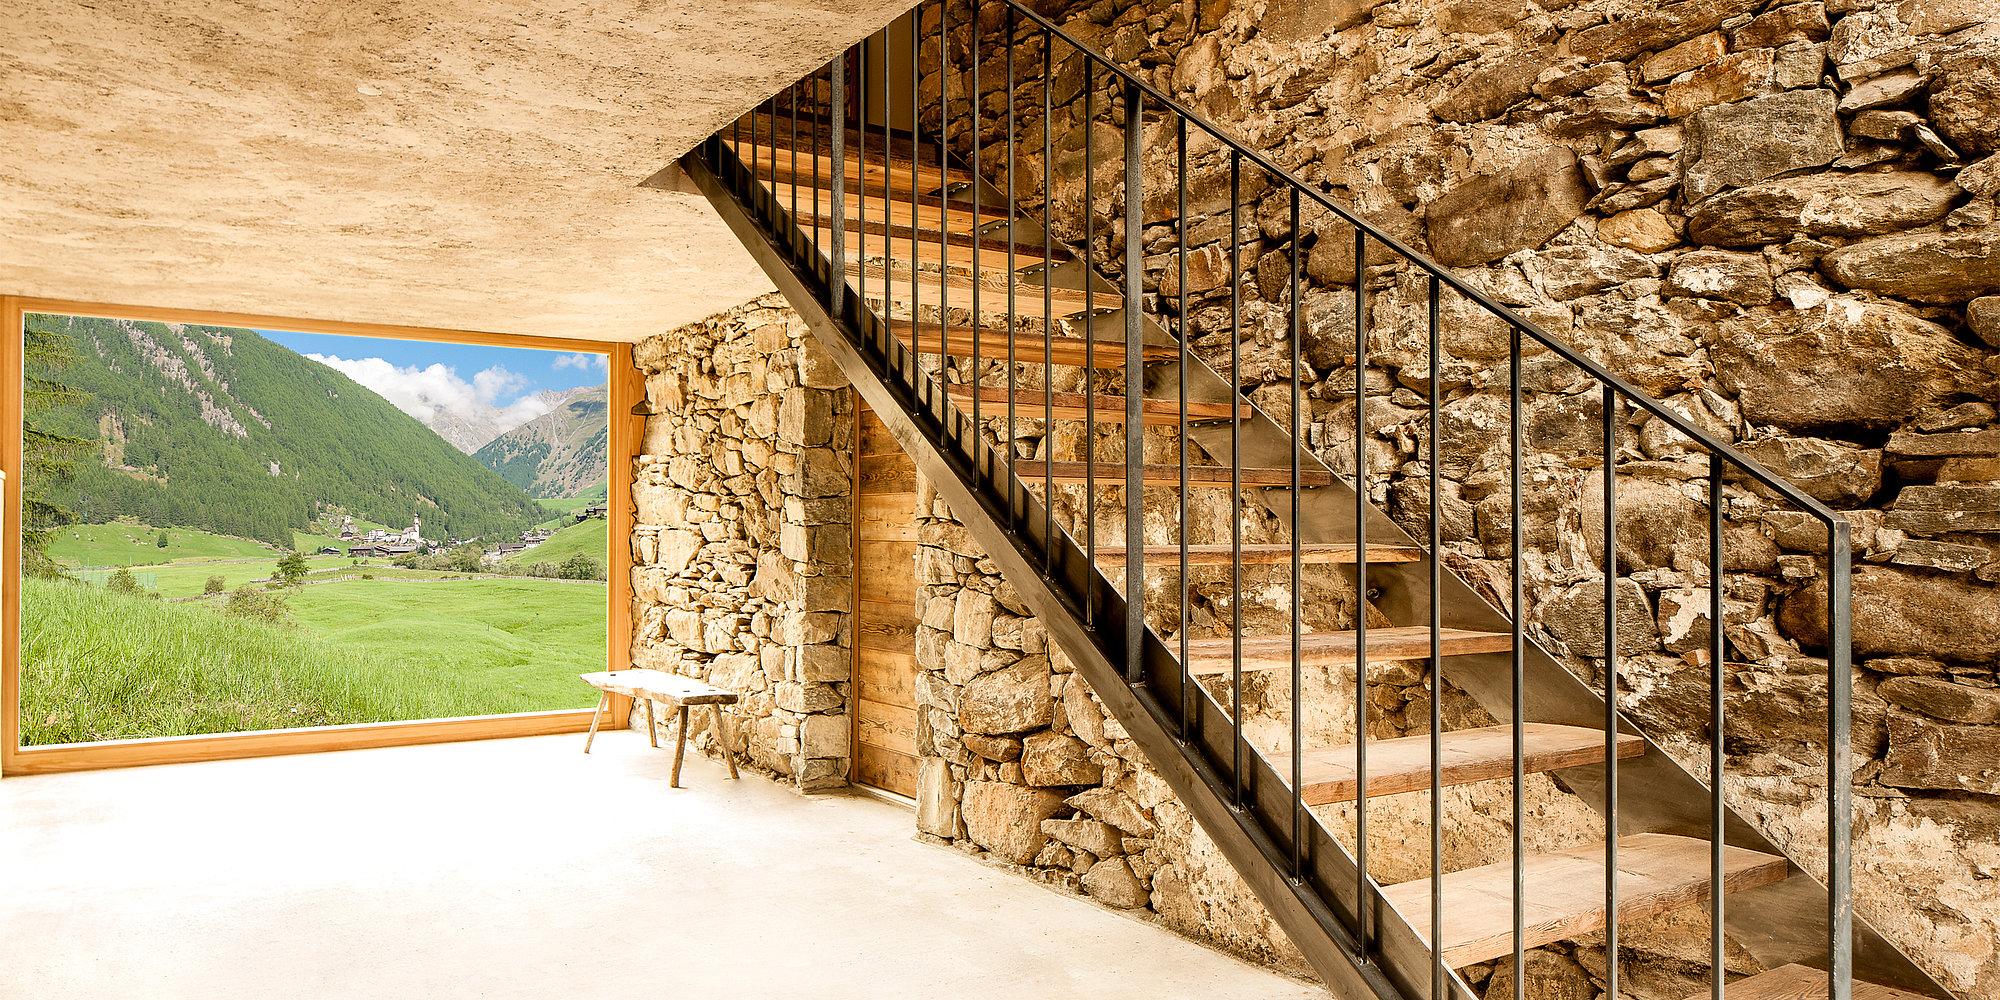 das josephus luxus ferienwohnungen in nachhaltiger bauweise josephus alpine lodge apartments. Black Bedroom Furniture Sets. Home Design Ideas